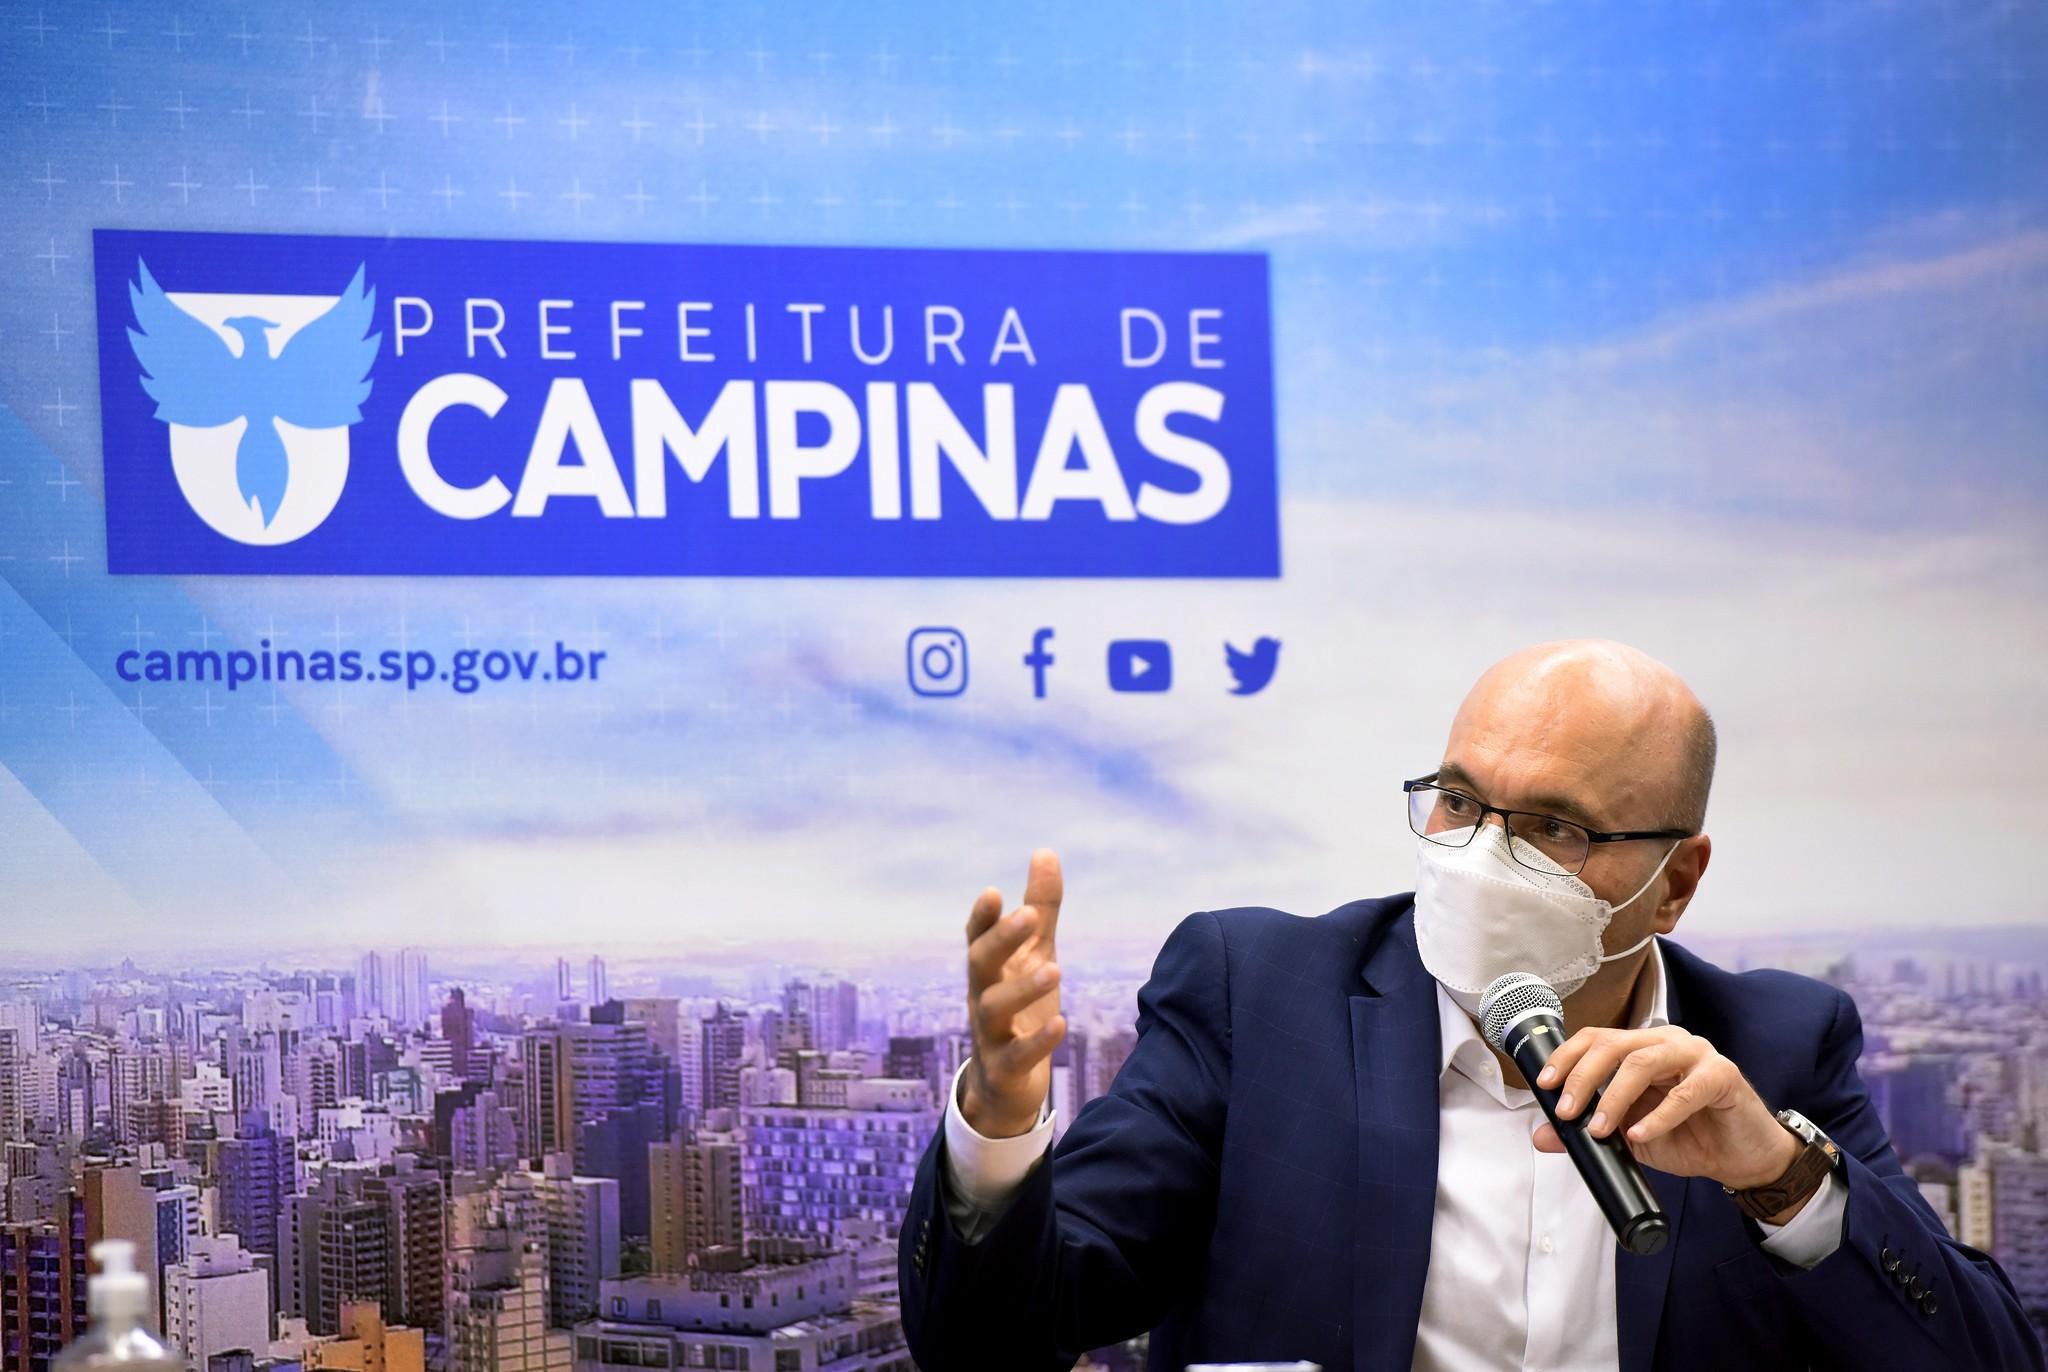 Prefeito de Campinas, Dário Saadi cancela agenda pública após ter sintomas gripais